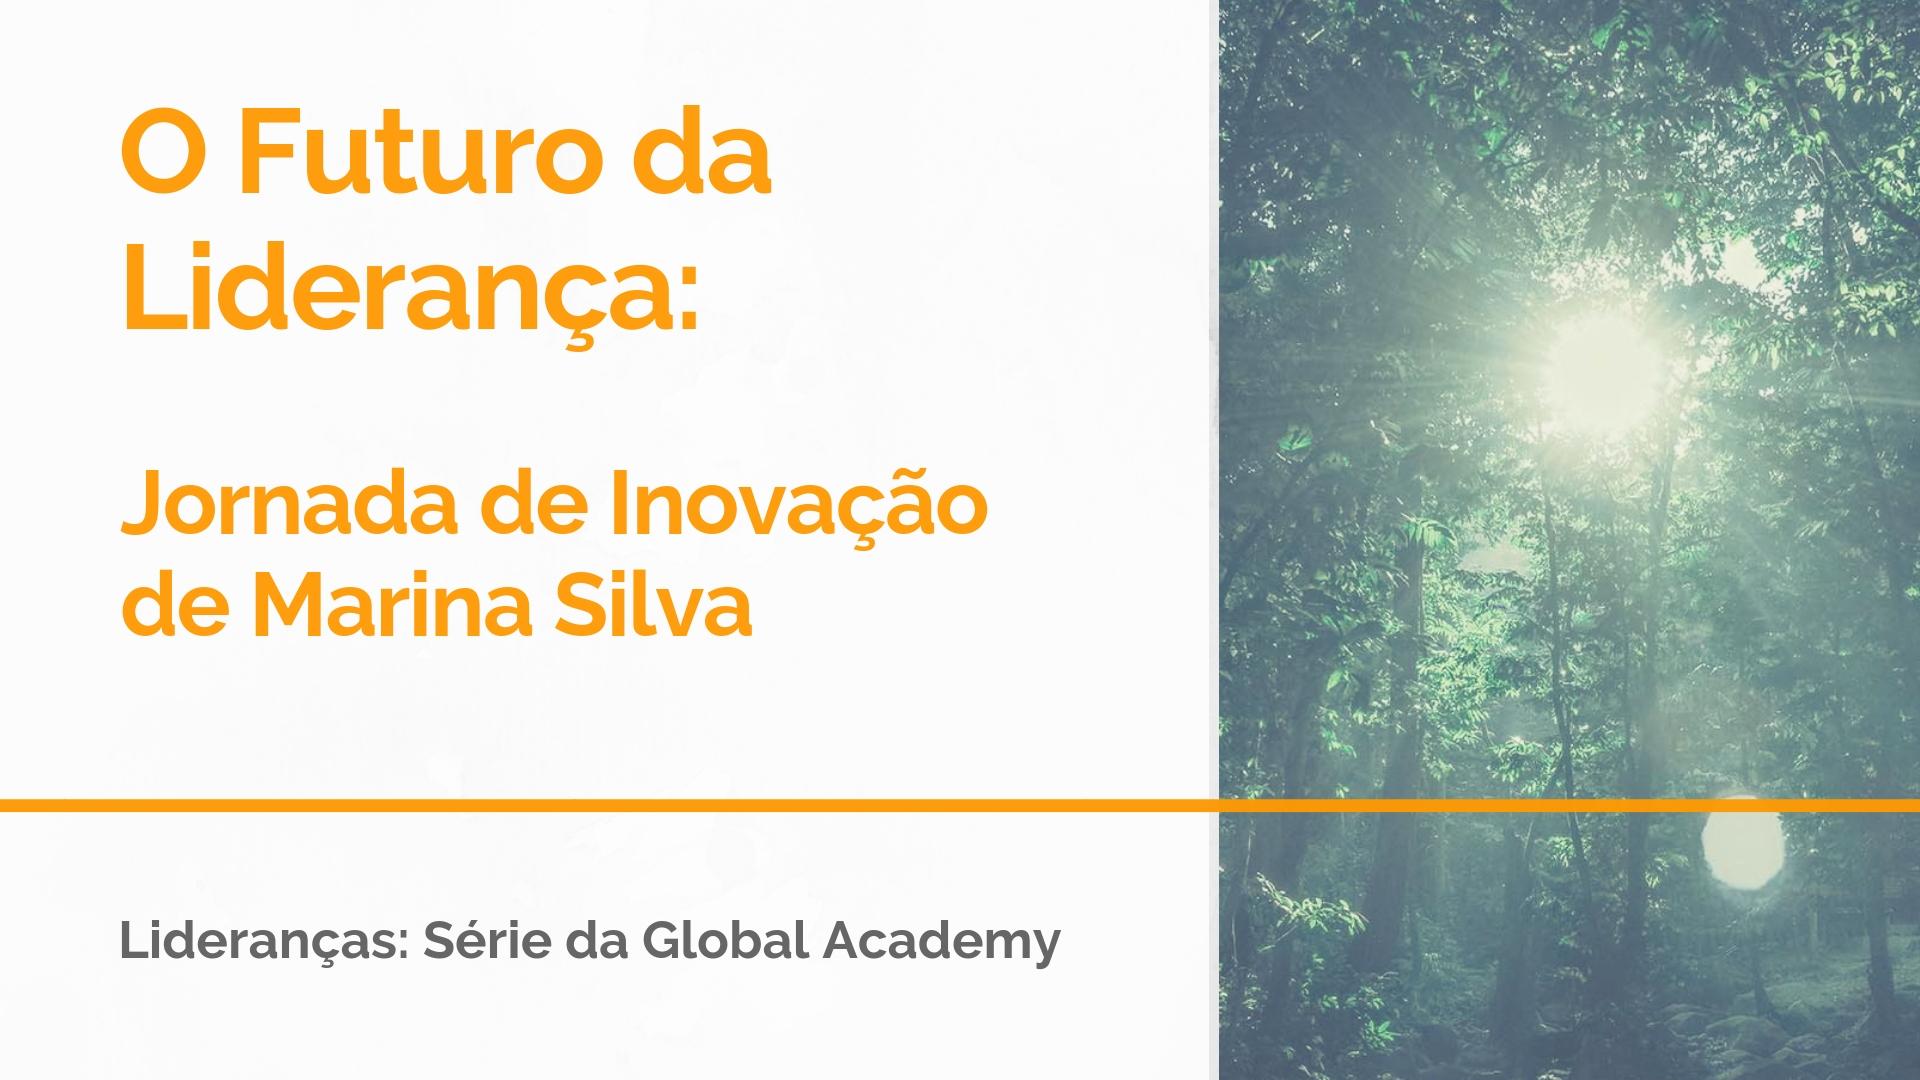 O Futuro da Liderança: Jornada de Inovação de Marina Silva